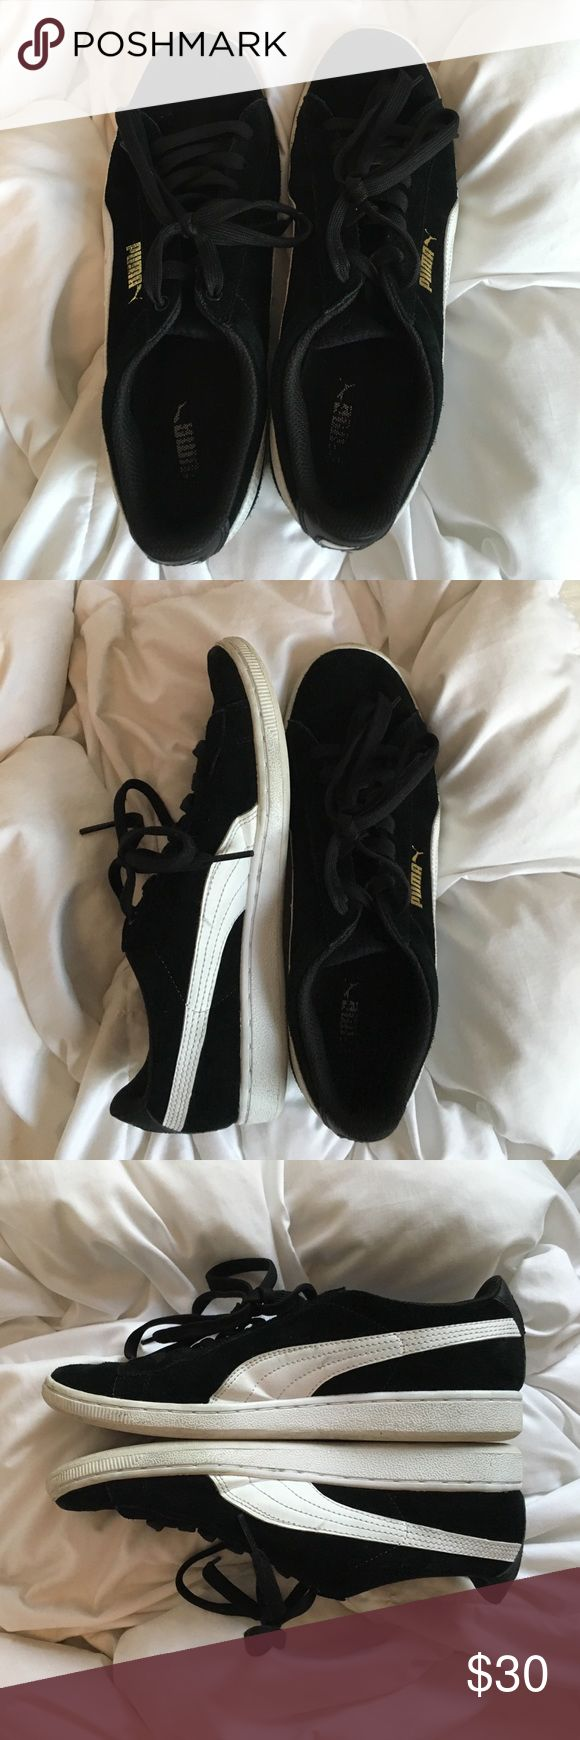 Black pumas black suede pumas. worn but still in gray condition. super comfortable Puma Shoes